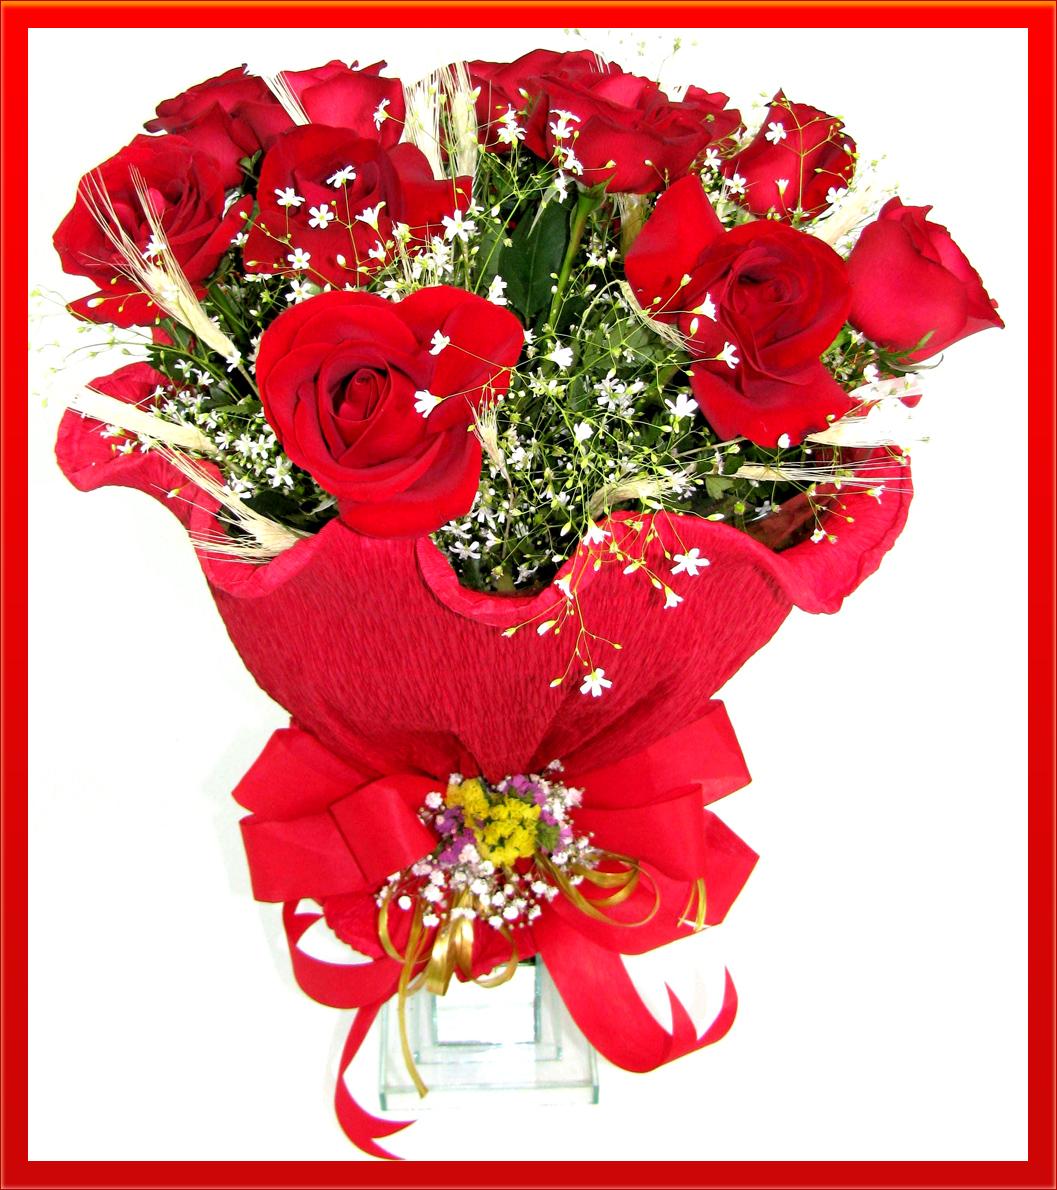 Цветы красиво упакованные в бумажную